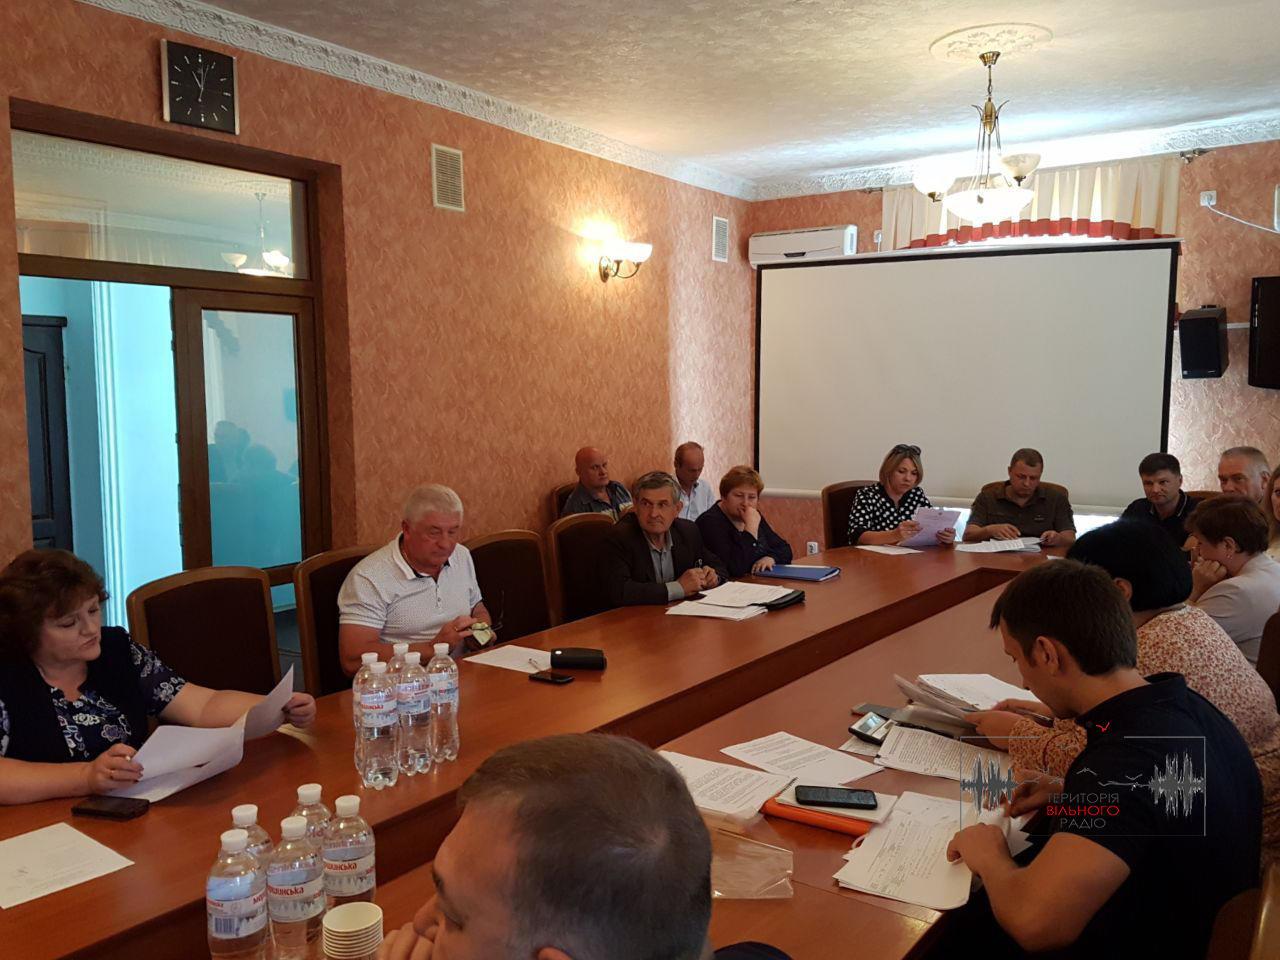 Населений пункт на Донеччині під загрозою відключення води через борг за електроенергію та просить допомоги